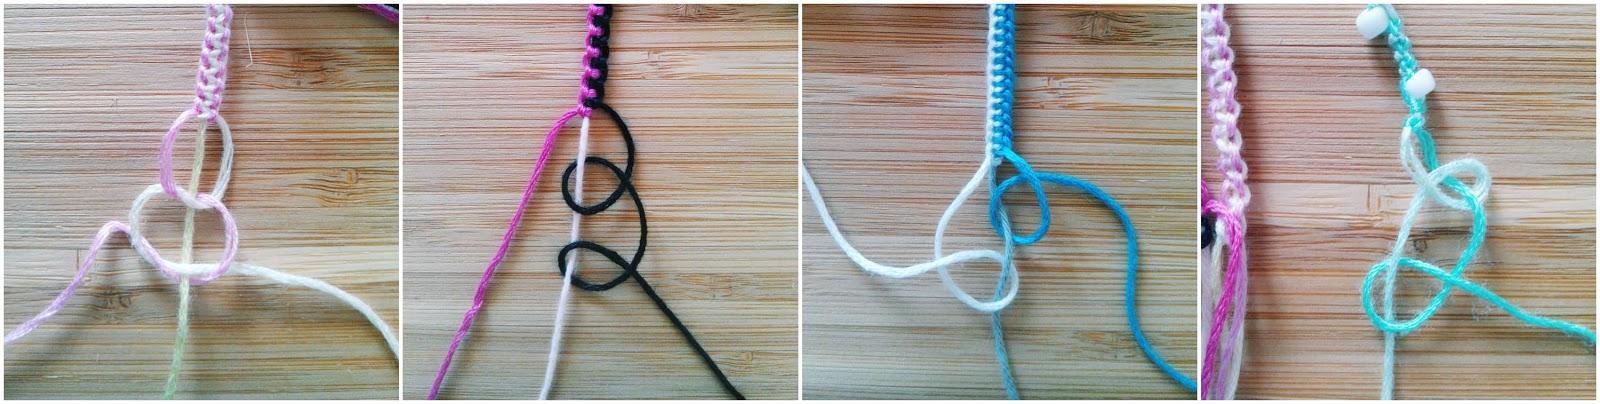 Bien connu DIY - Bracelet brésilien - Douces effrontées EH42